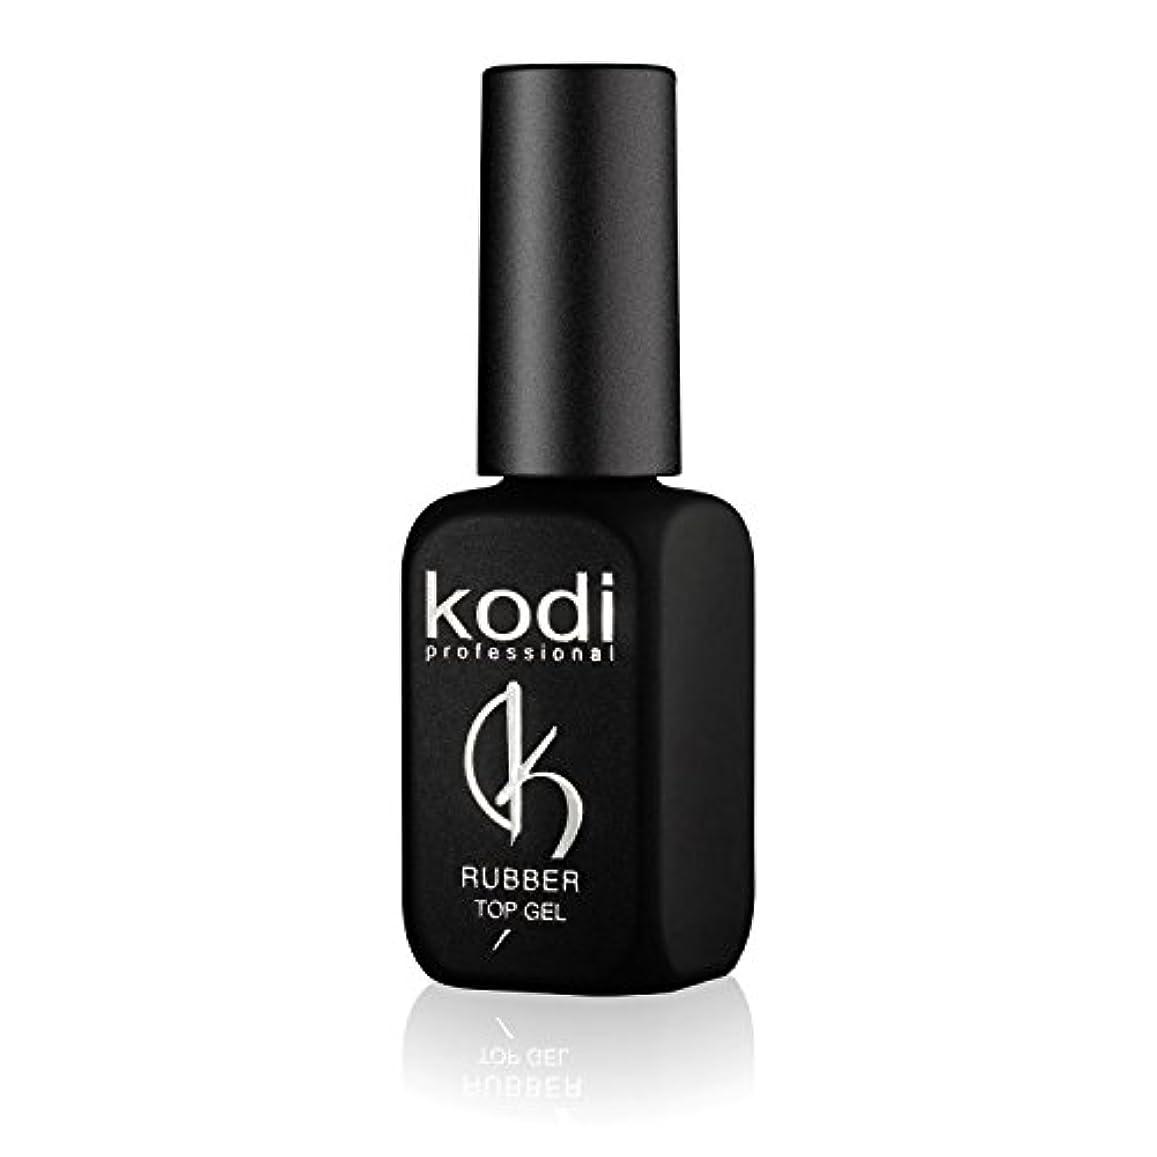 妨げるぴかぴかコンサートProfessional Rubber Top Gel By Kodi | 12ml 0.42 oz | Soak Off, Polish Fingernails Coat Gel | For Long Lasting...